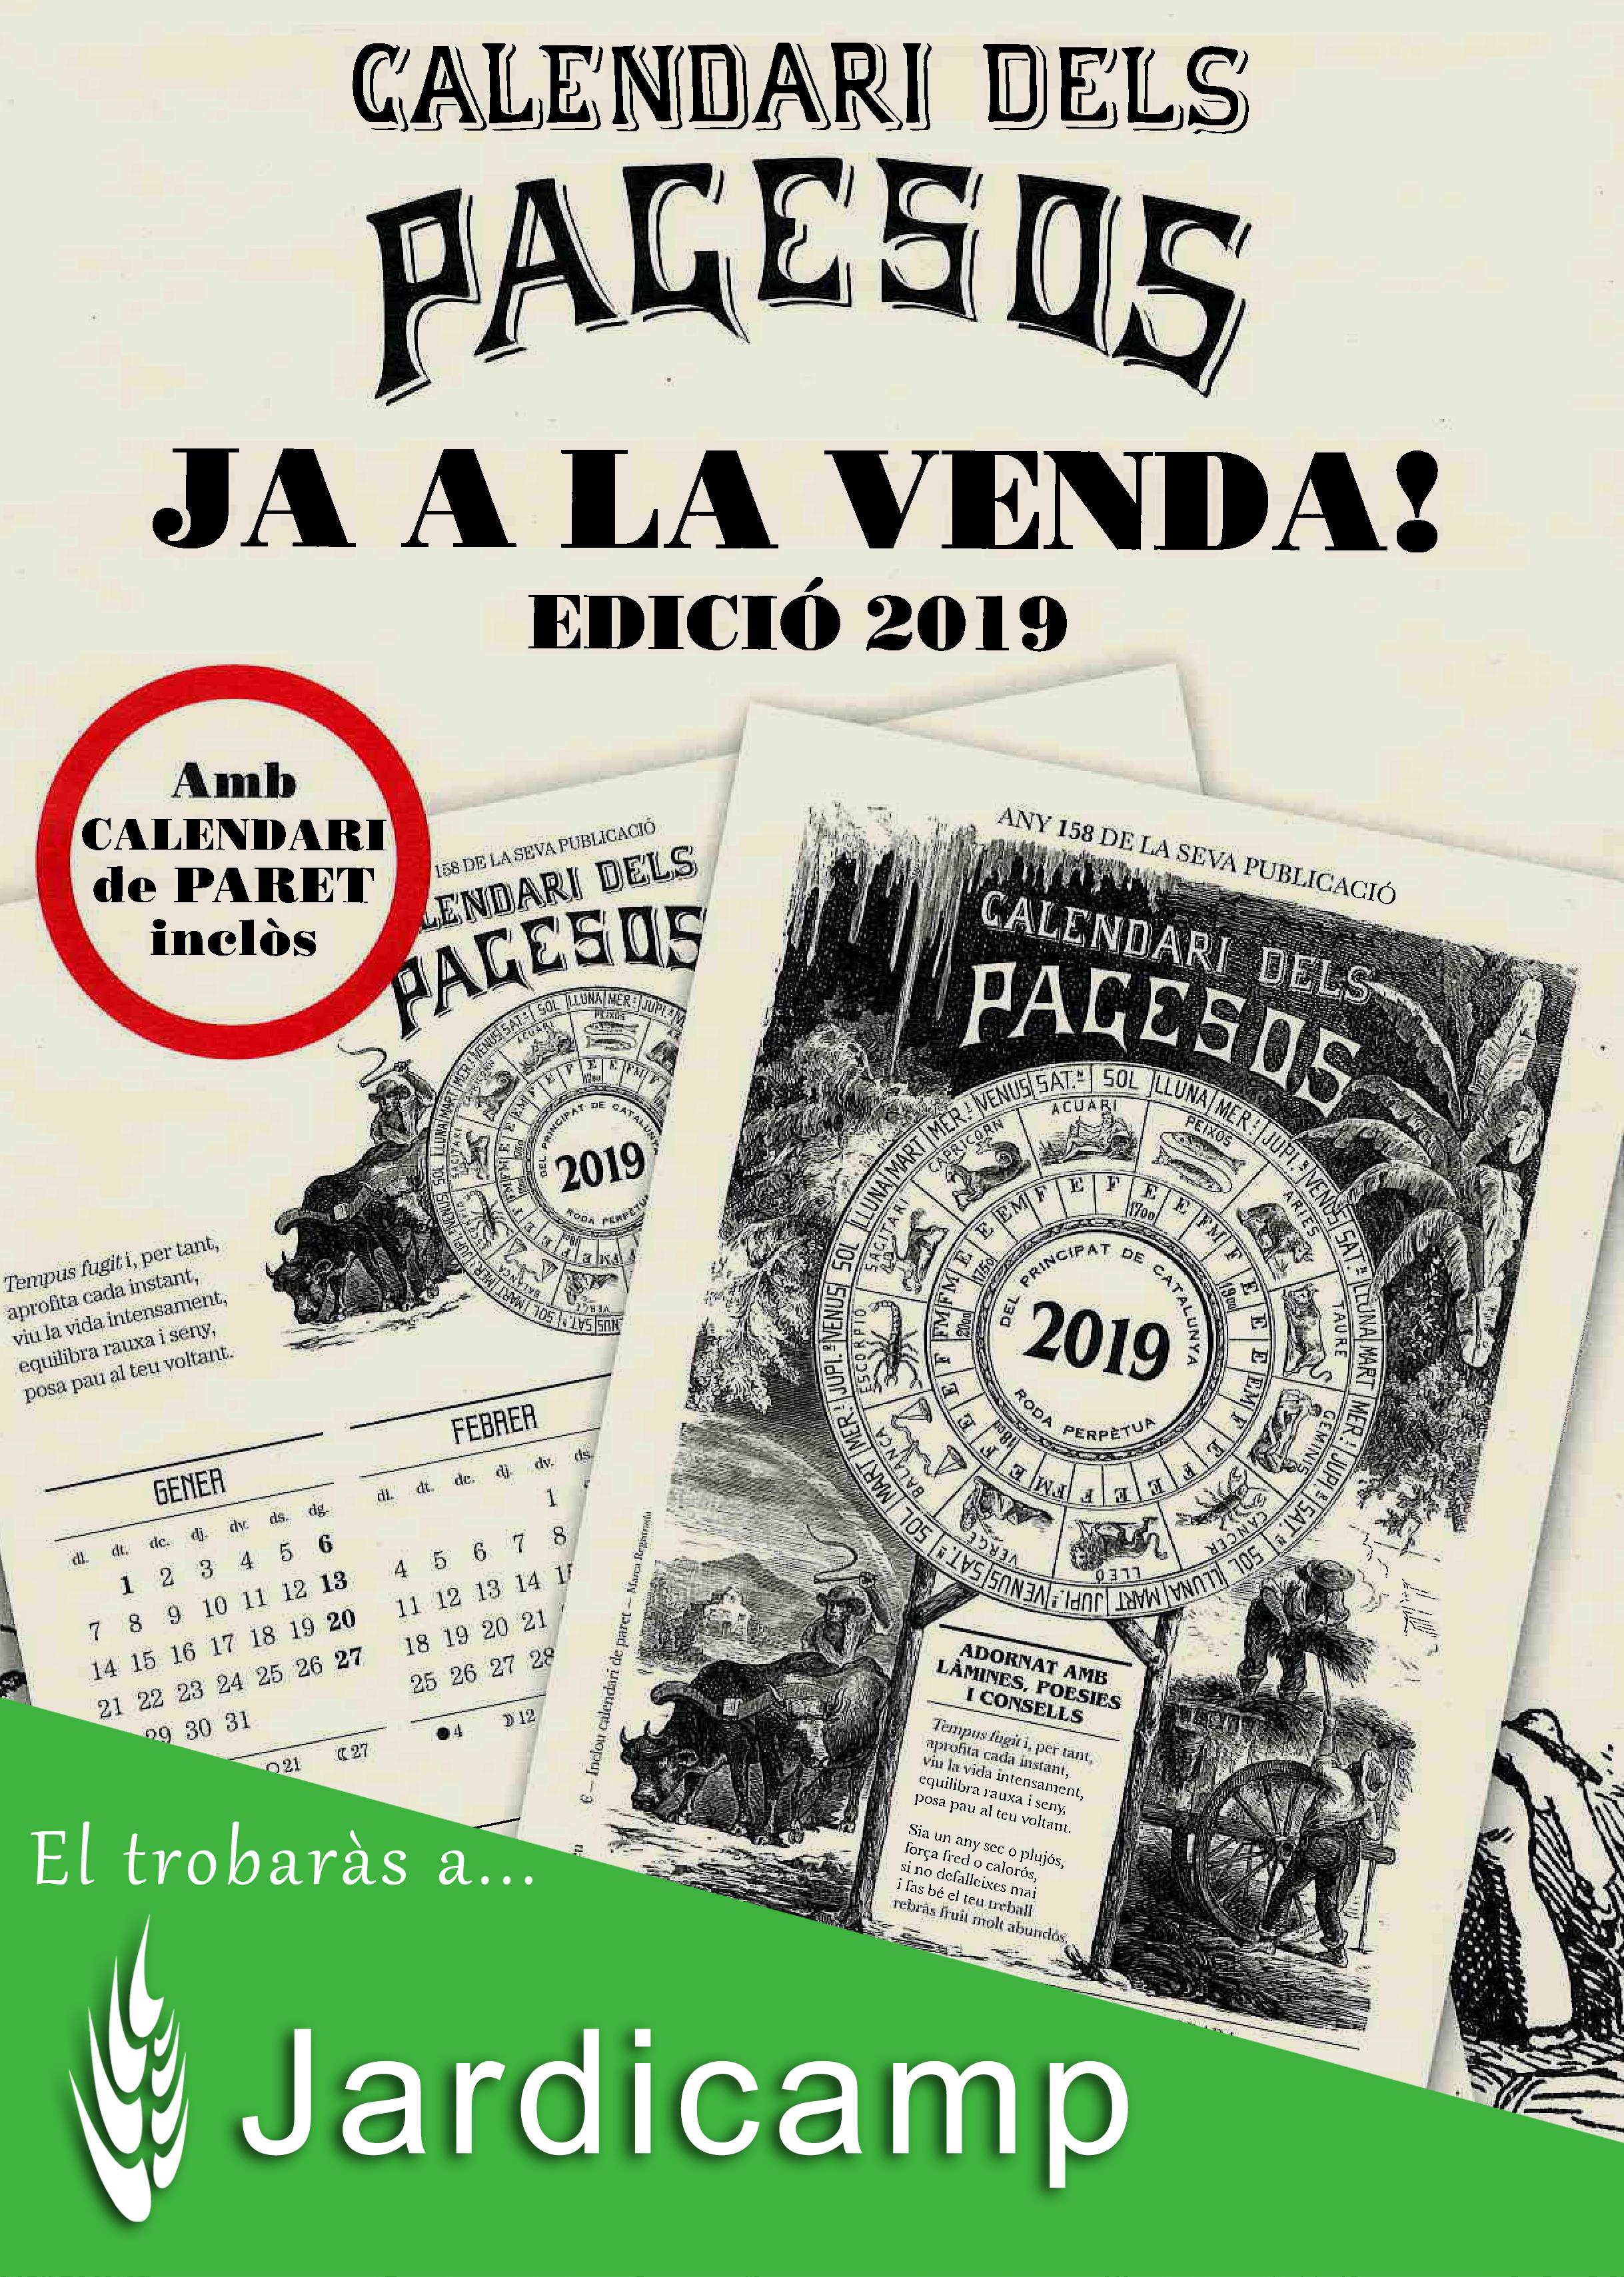 Calendari dels pagesos 2019